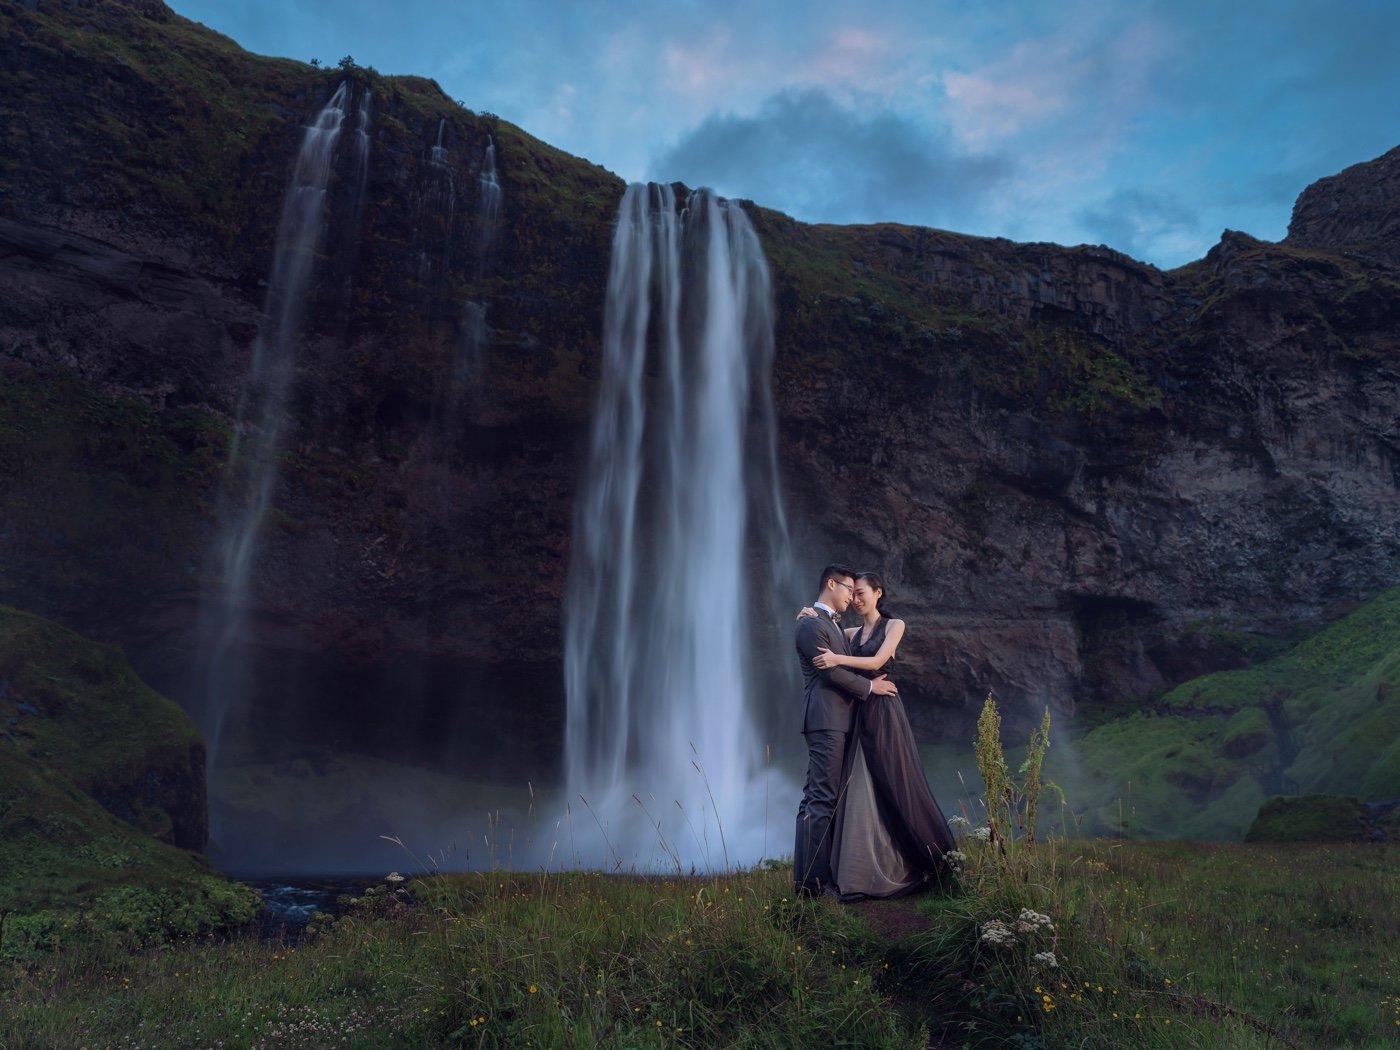 MoFoTo 冰岛婚纱旅拍20